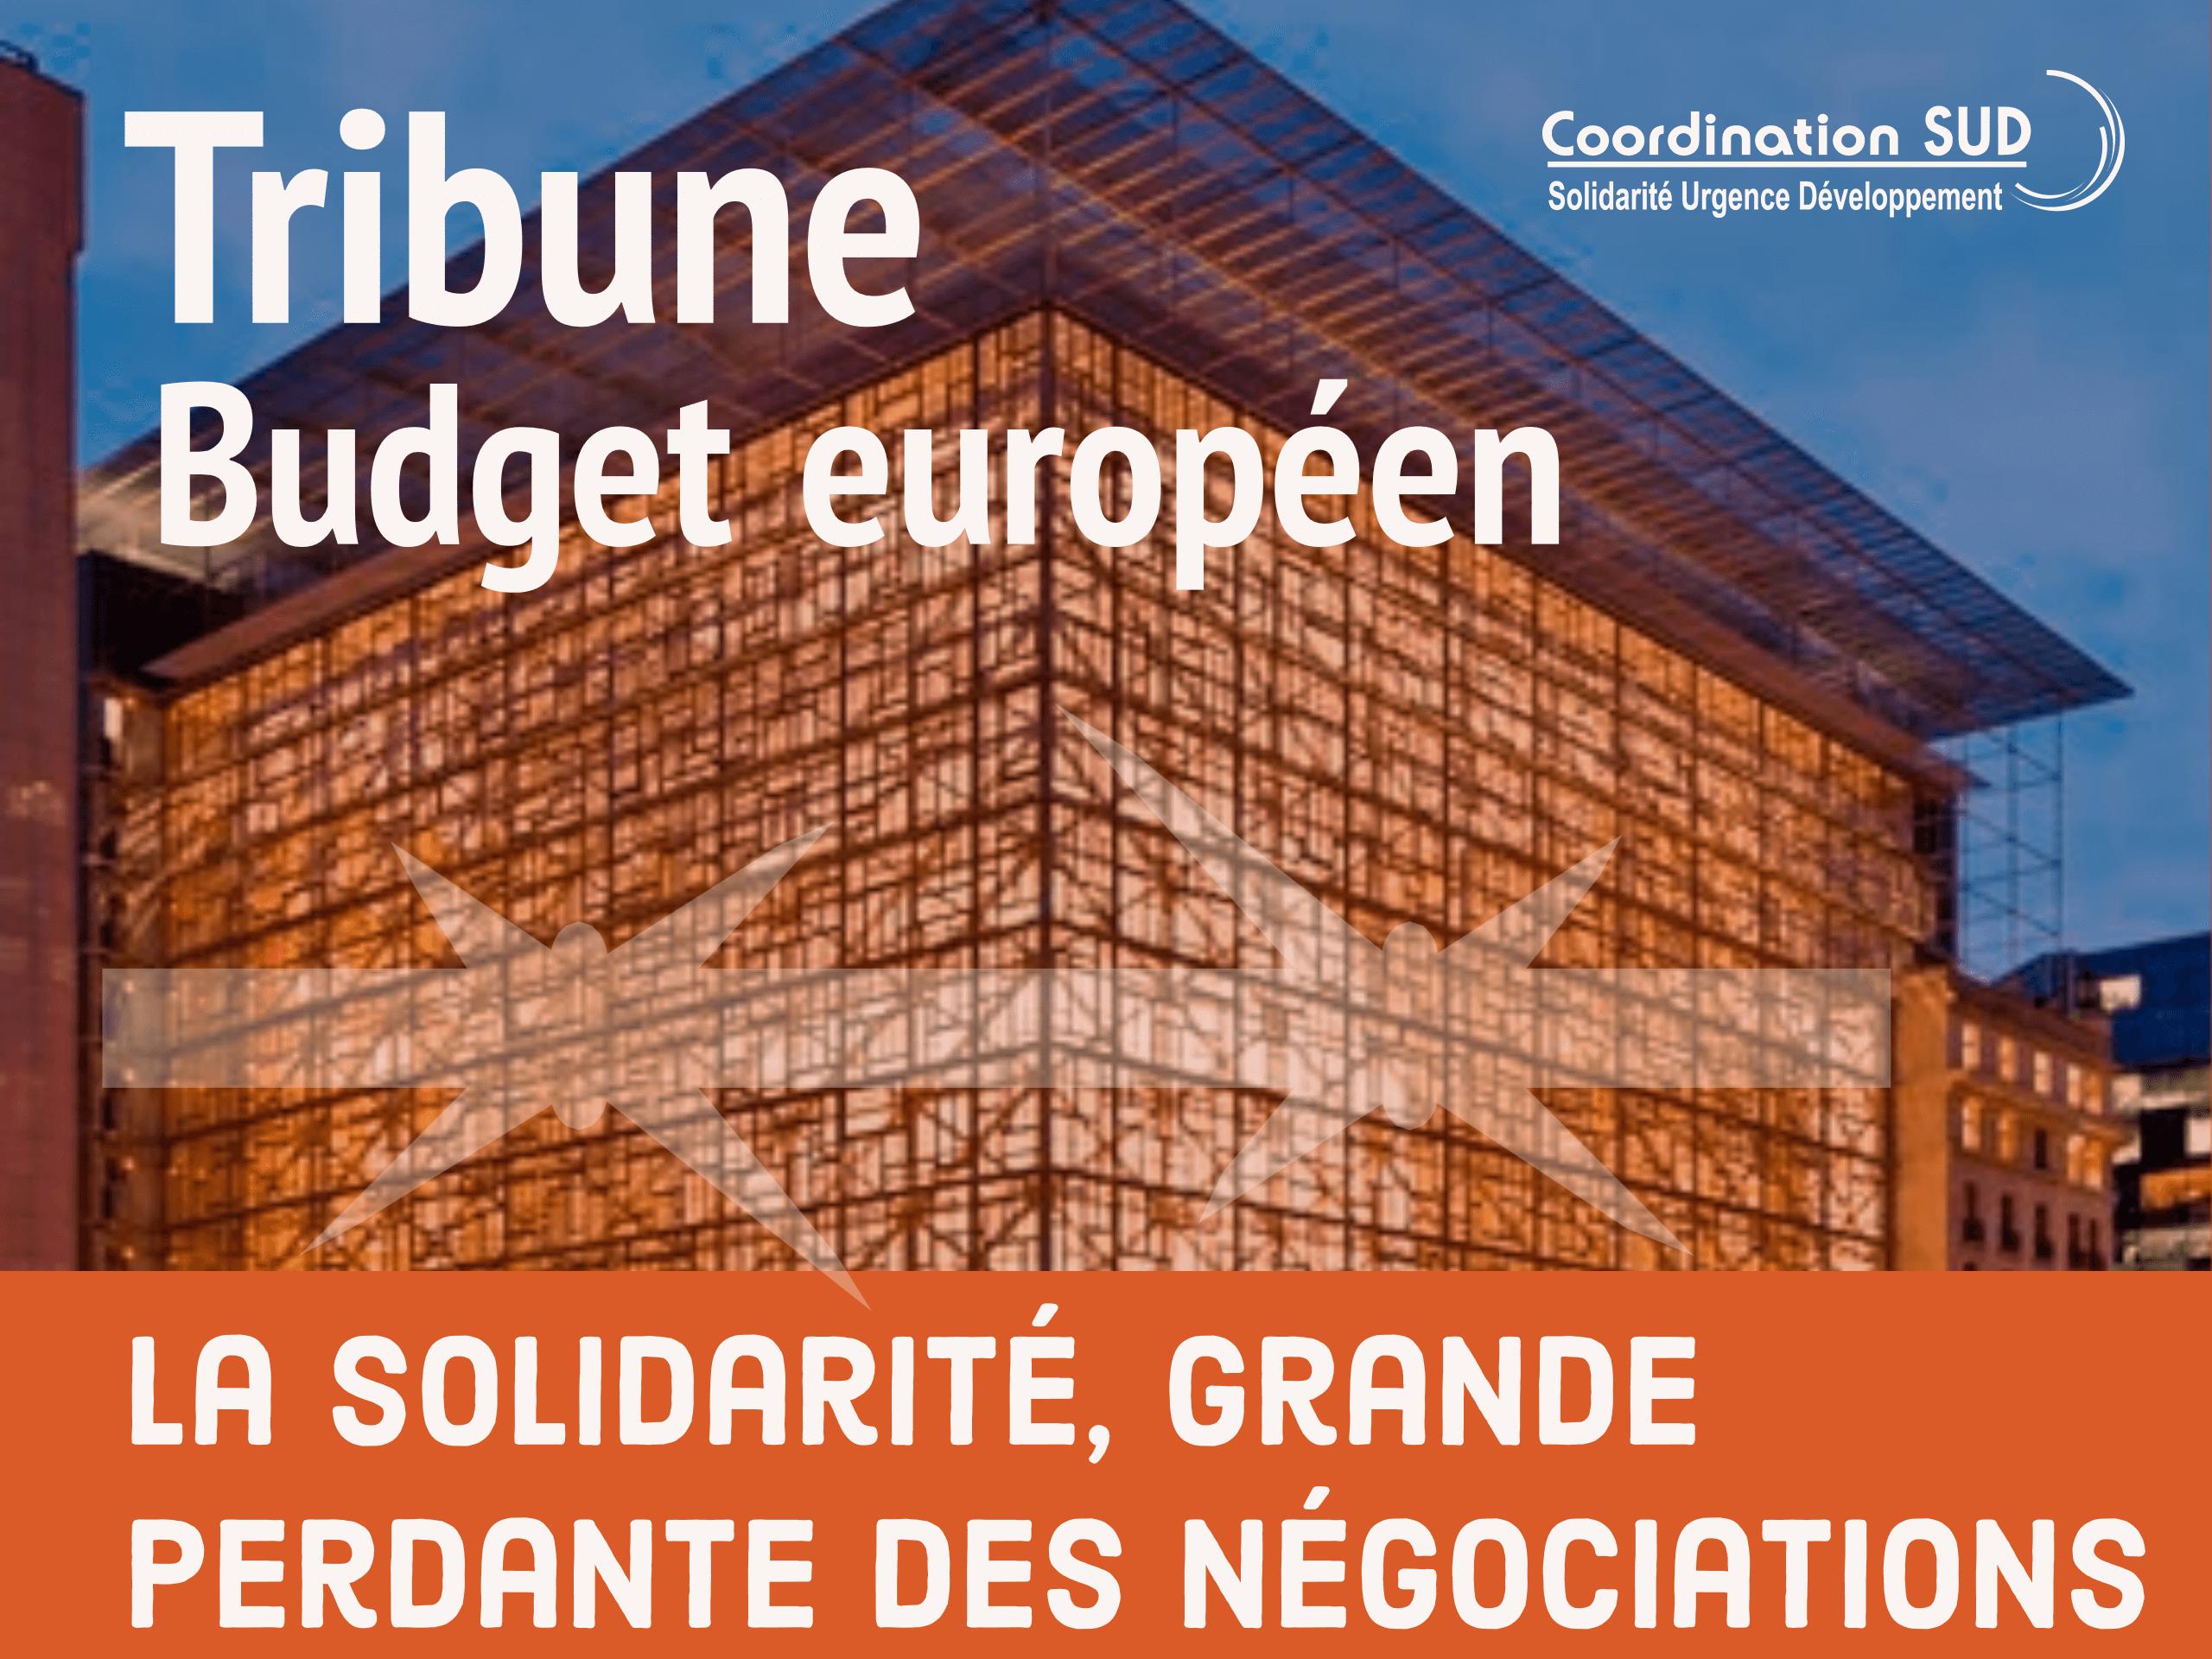 Tribune: Europe et objectifs de développement durable, un rendez-vous manqué?